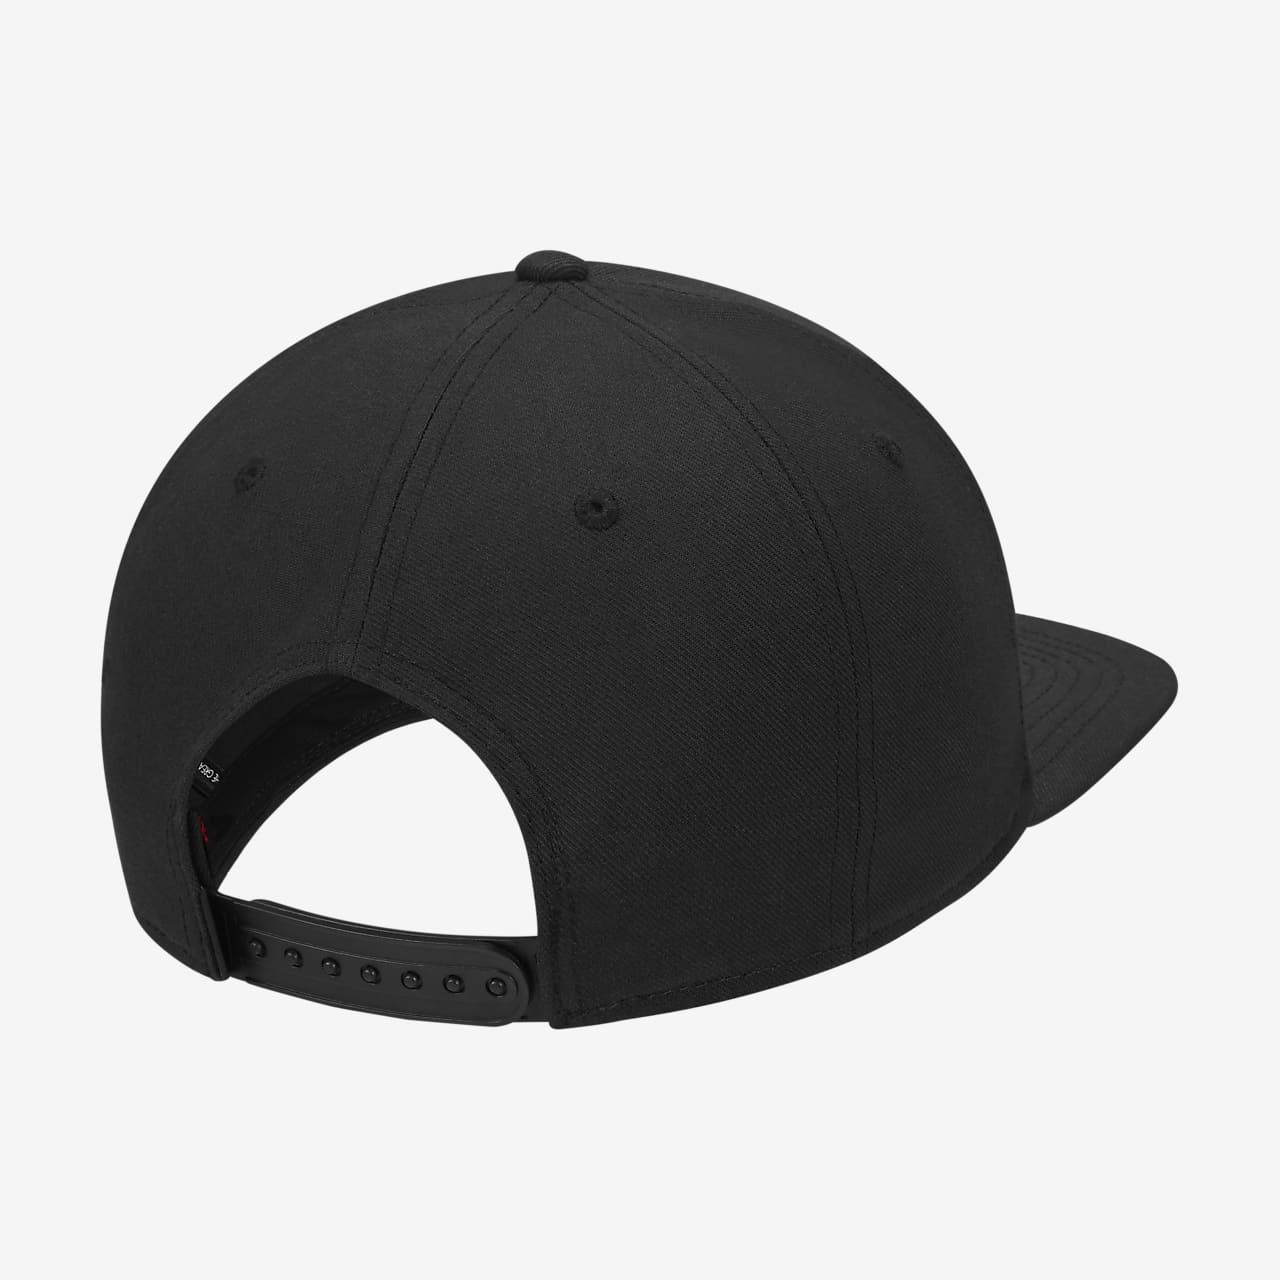 9693a33989d77b Jordan Pro Jumpman Snapback Hat. Nike.com GB